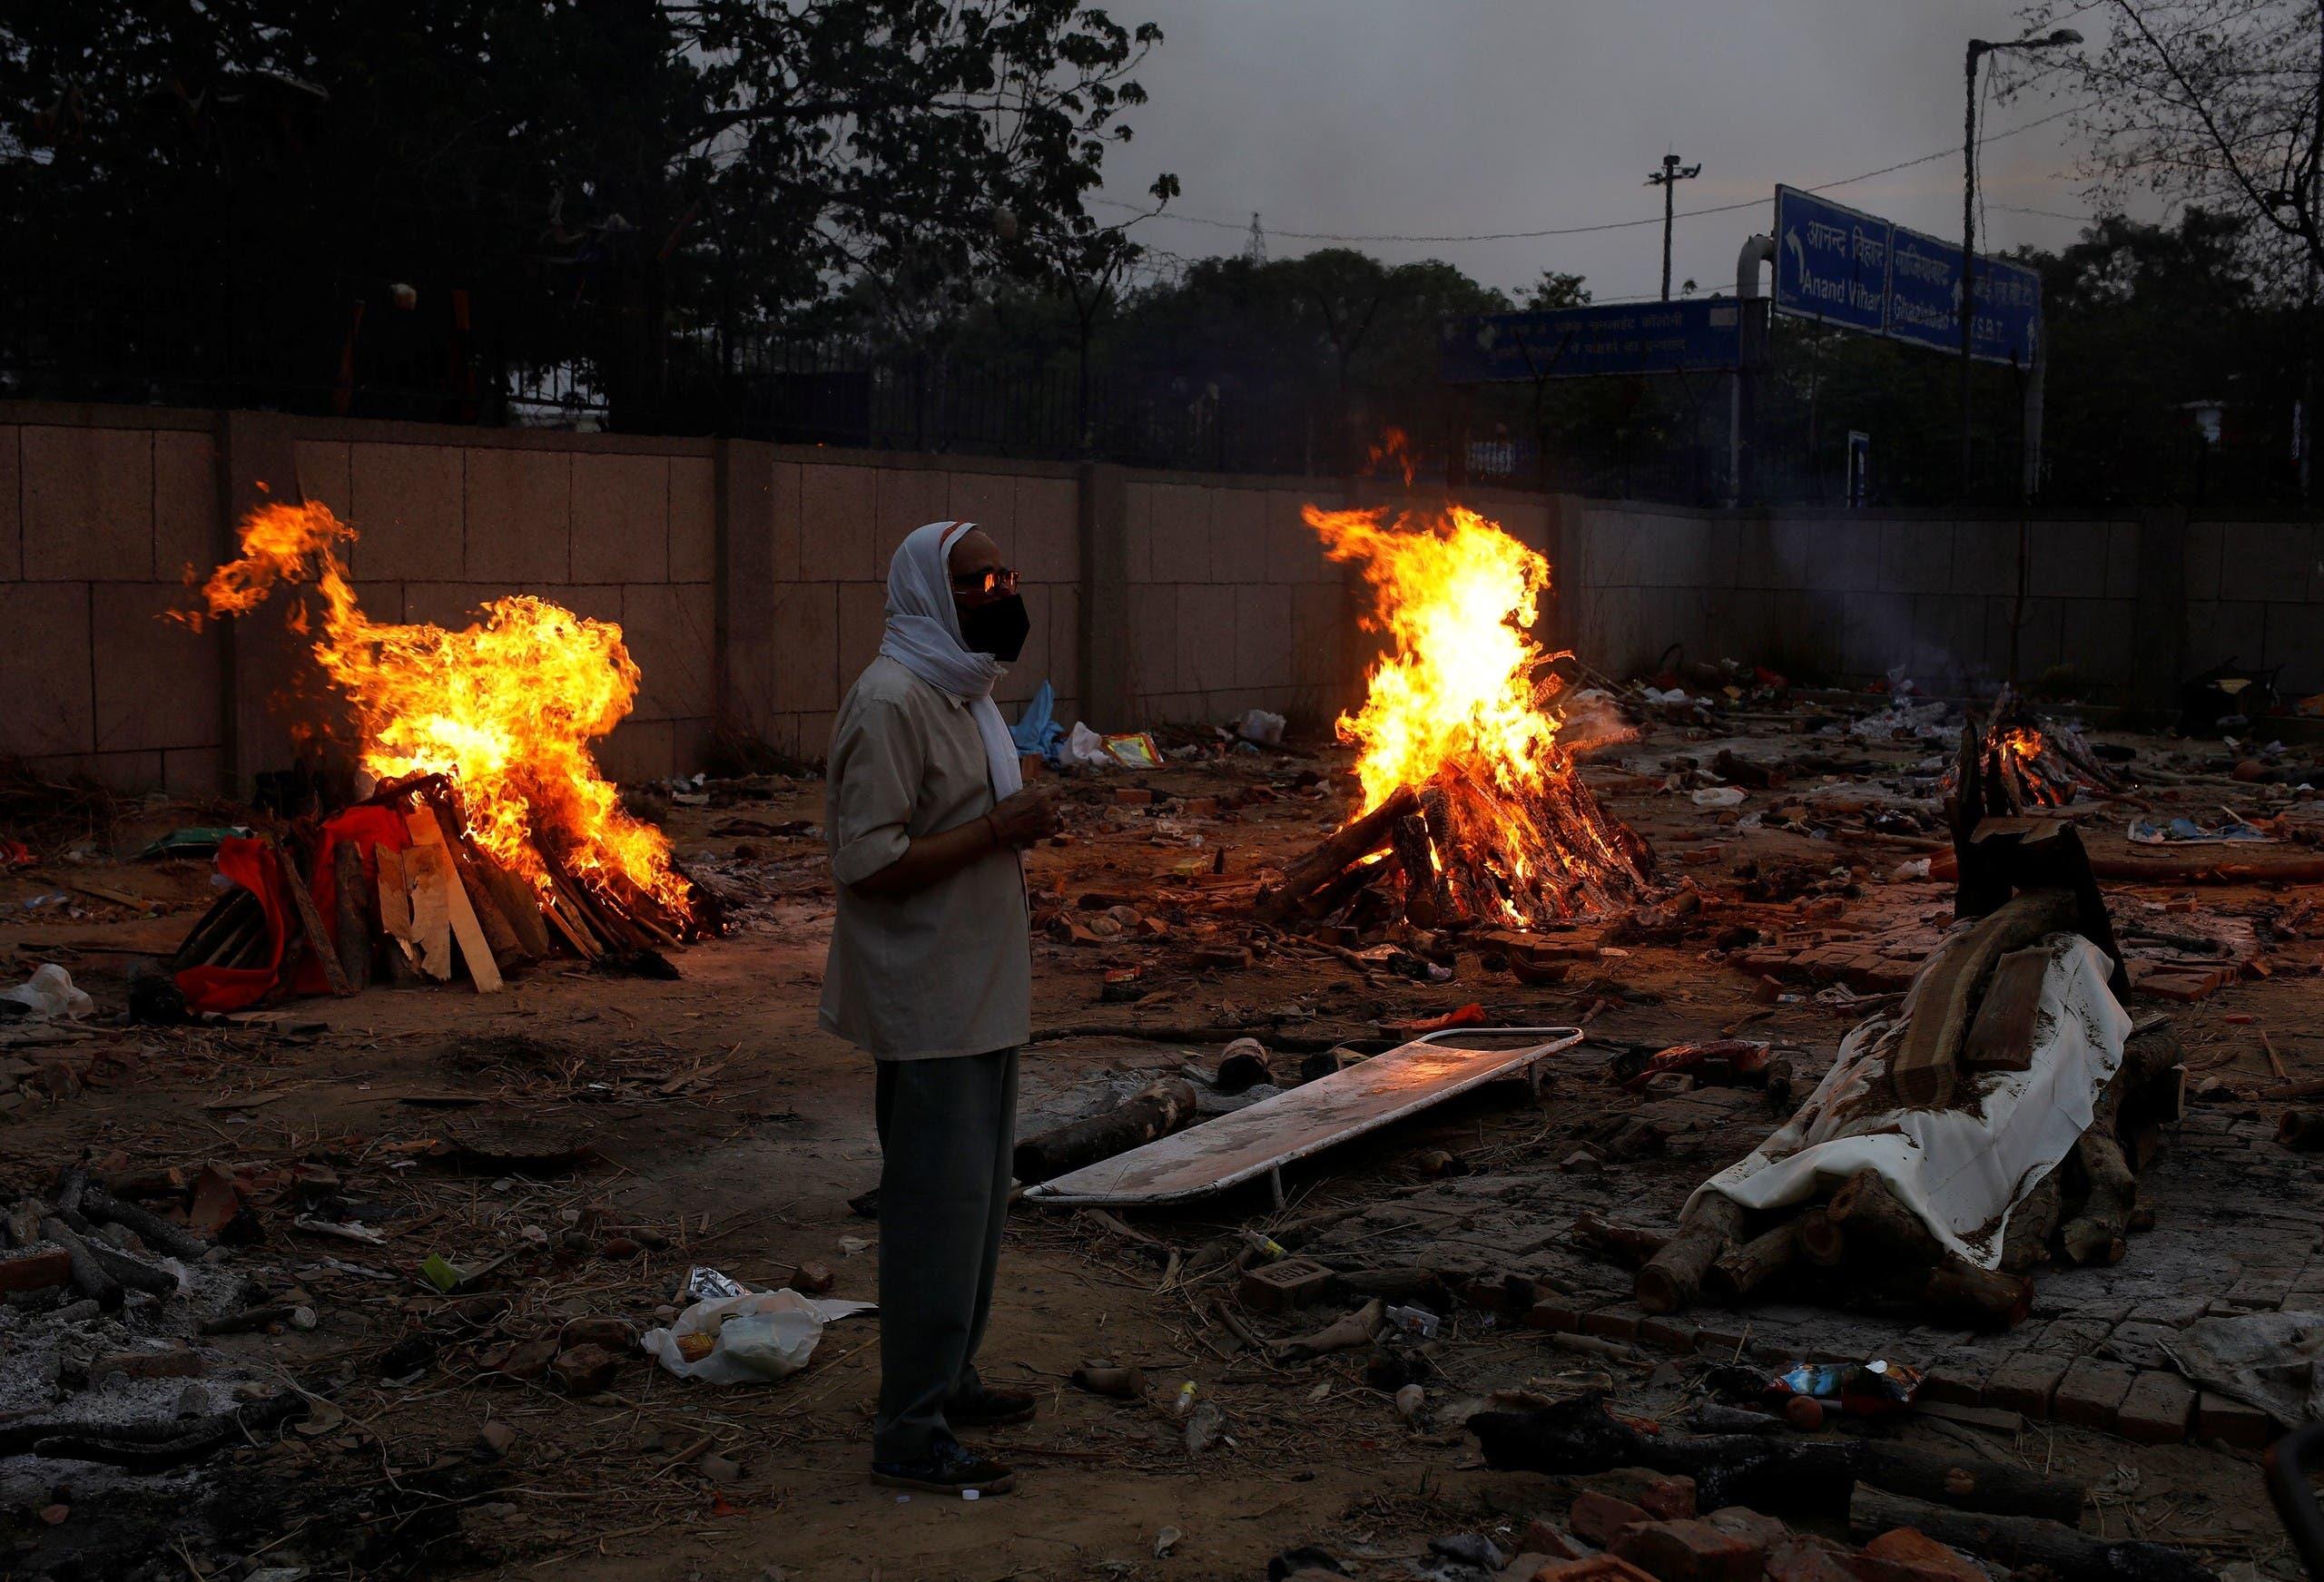 حرق جثث المصابين بكورونا في نيودلهي